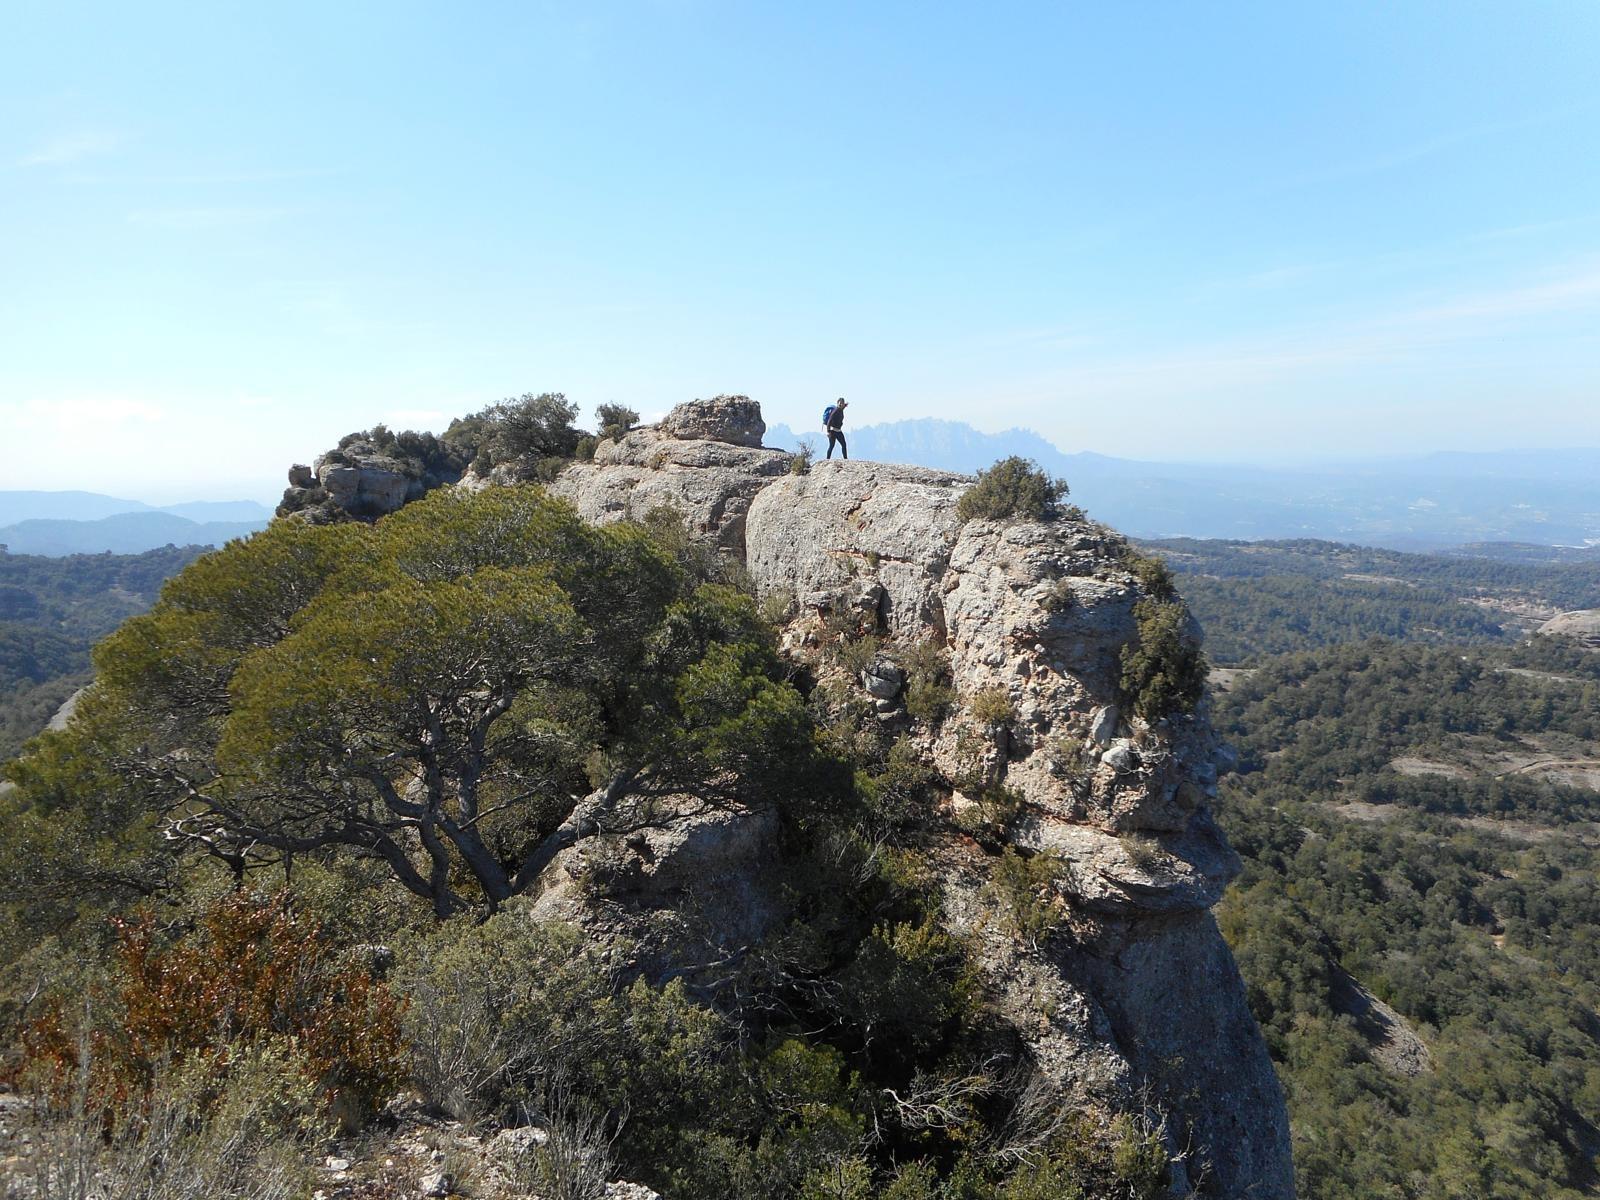 Relax, diversió i evasió al Parc Natural de Sant Llorenç del Munt i l'Obac